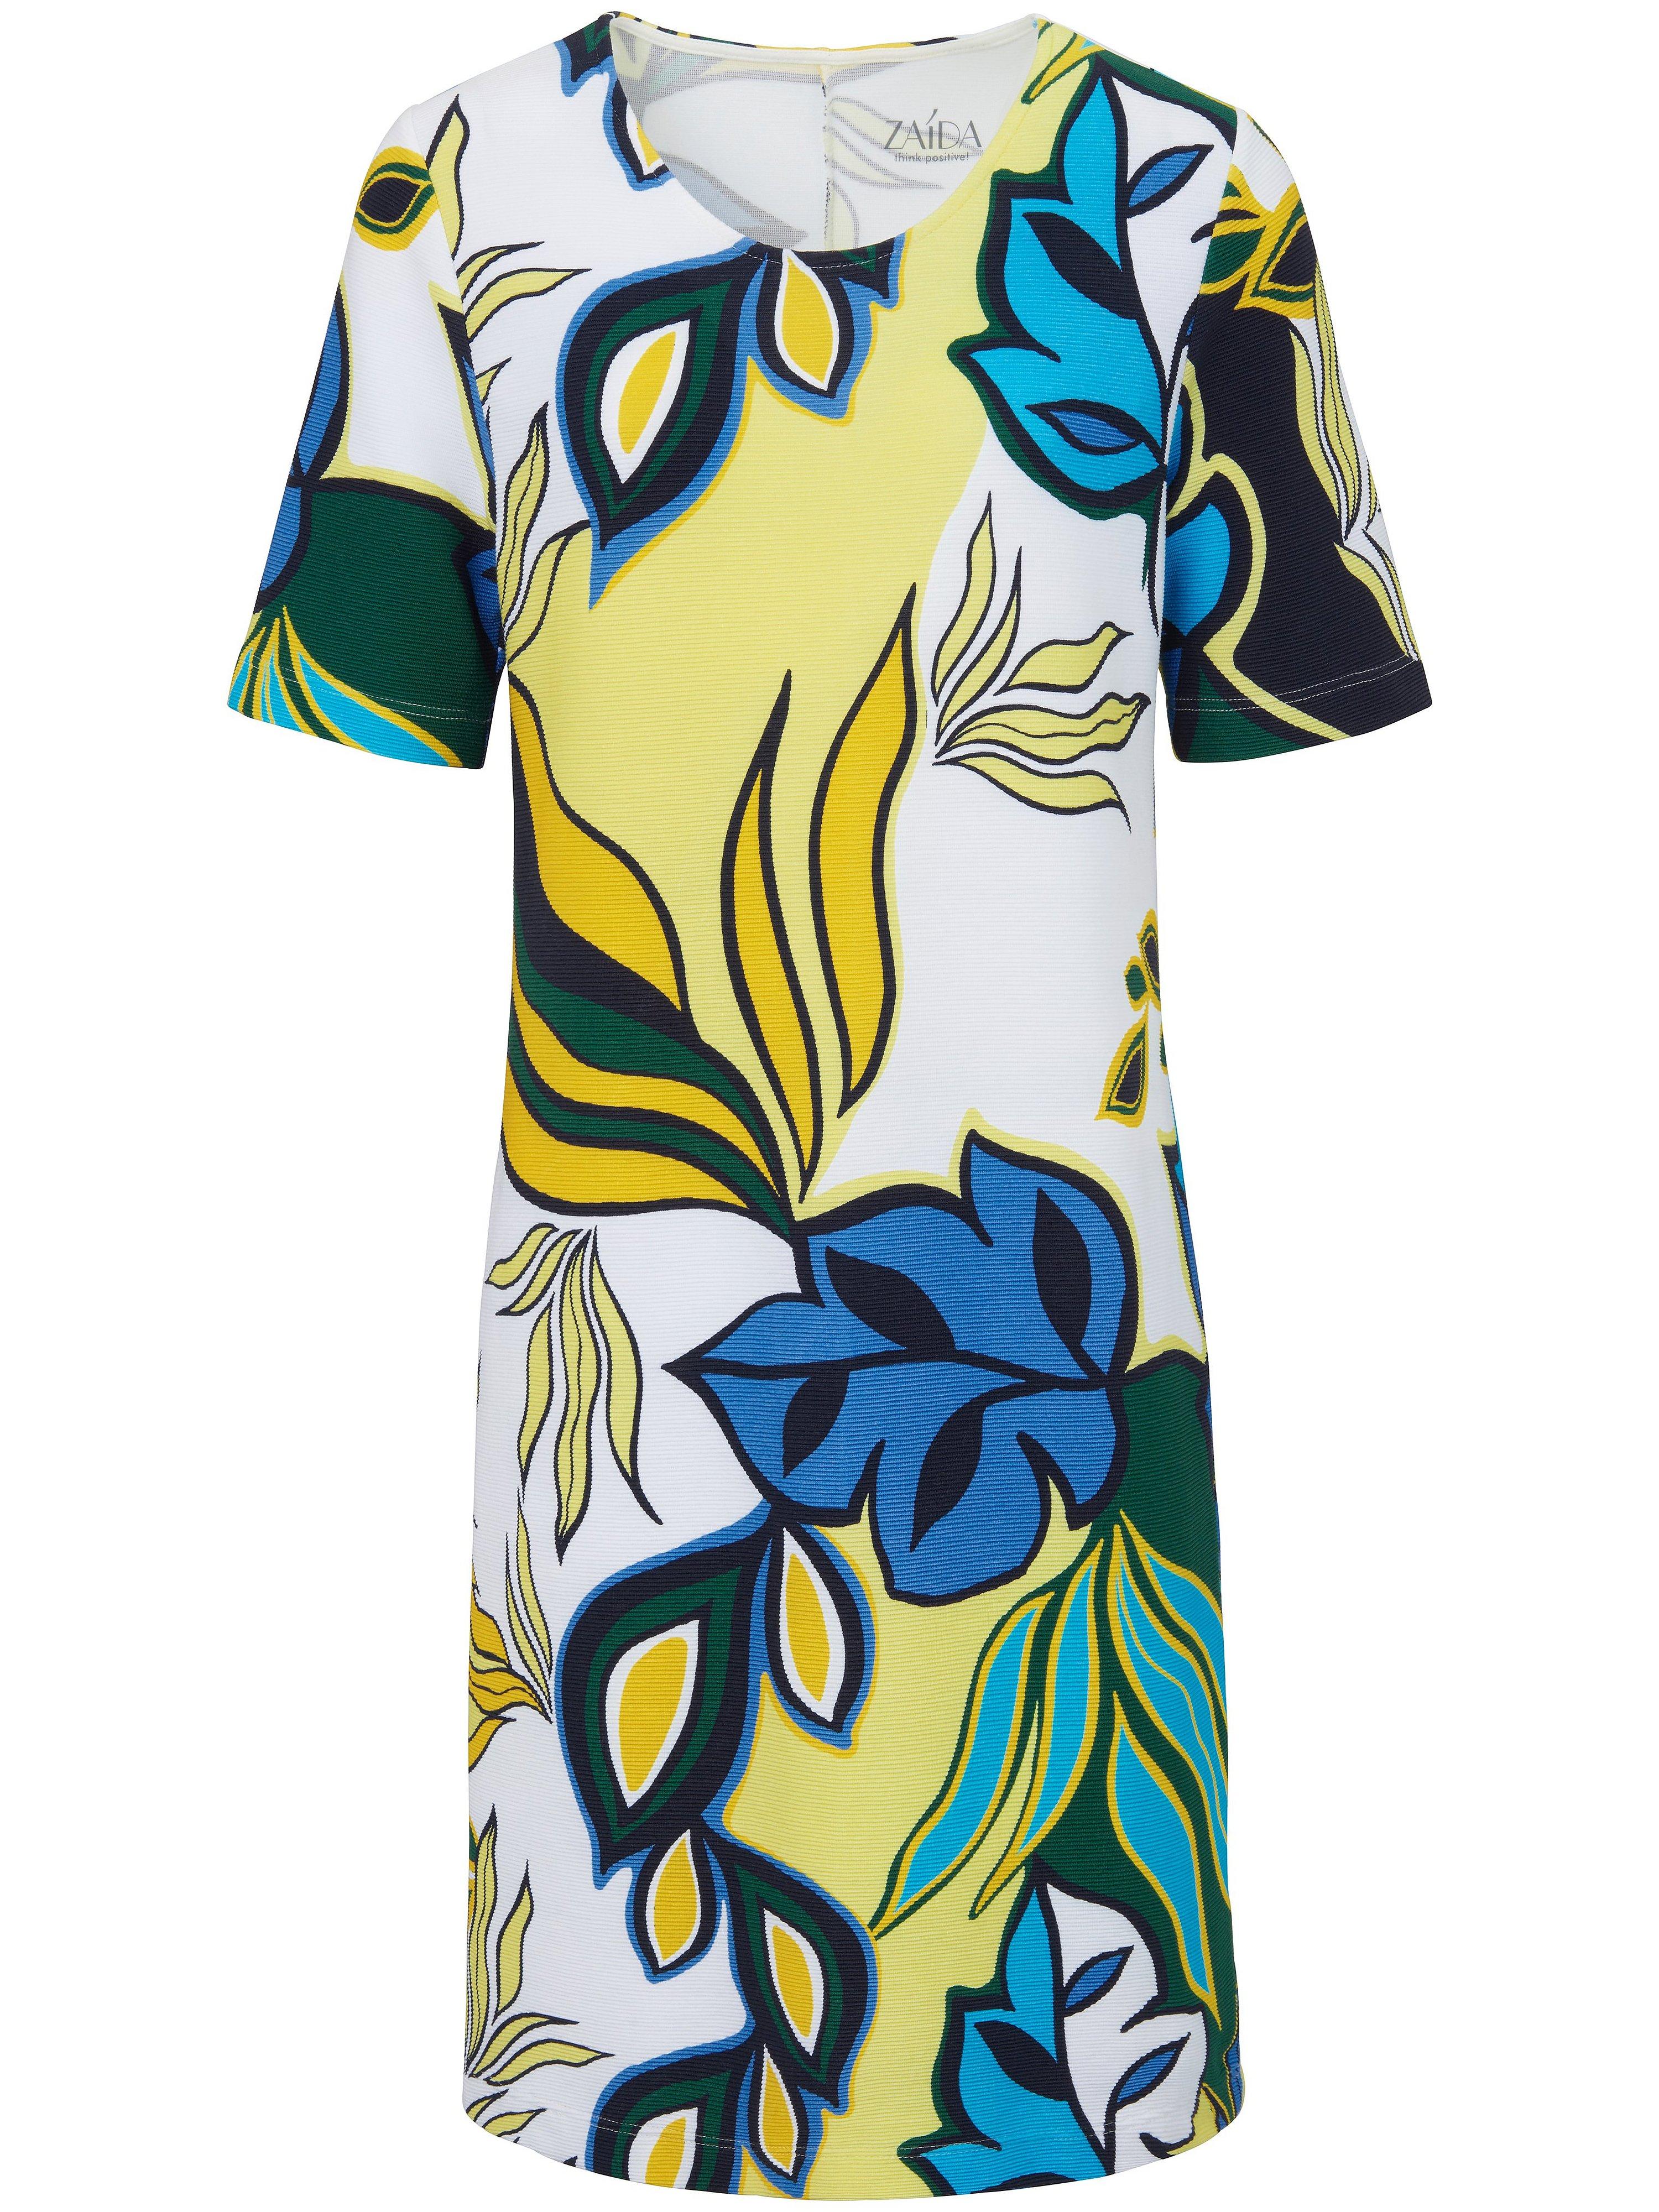 La robe encolure dégagée  ZAIDA multicolore taille 48